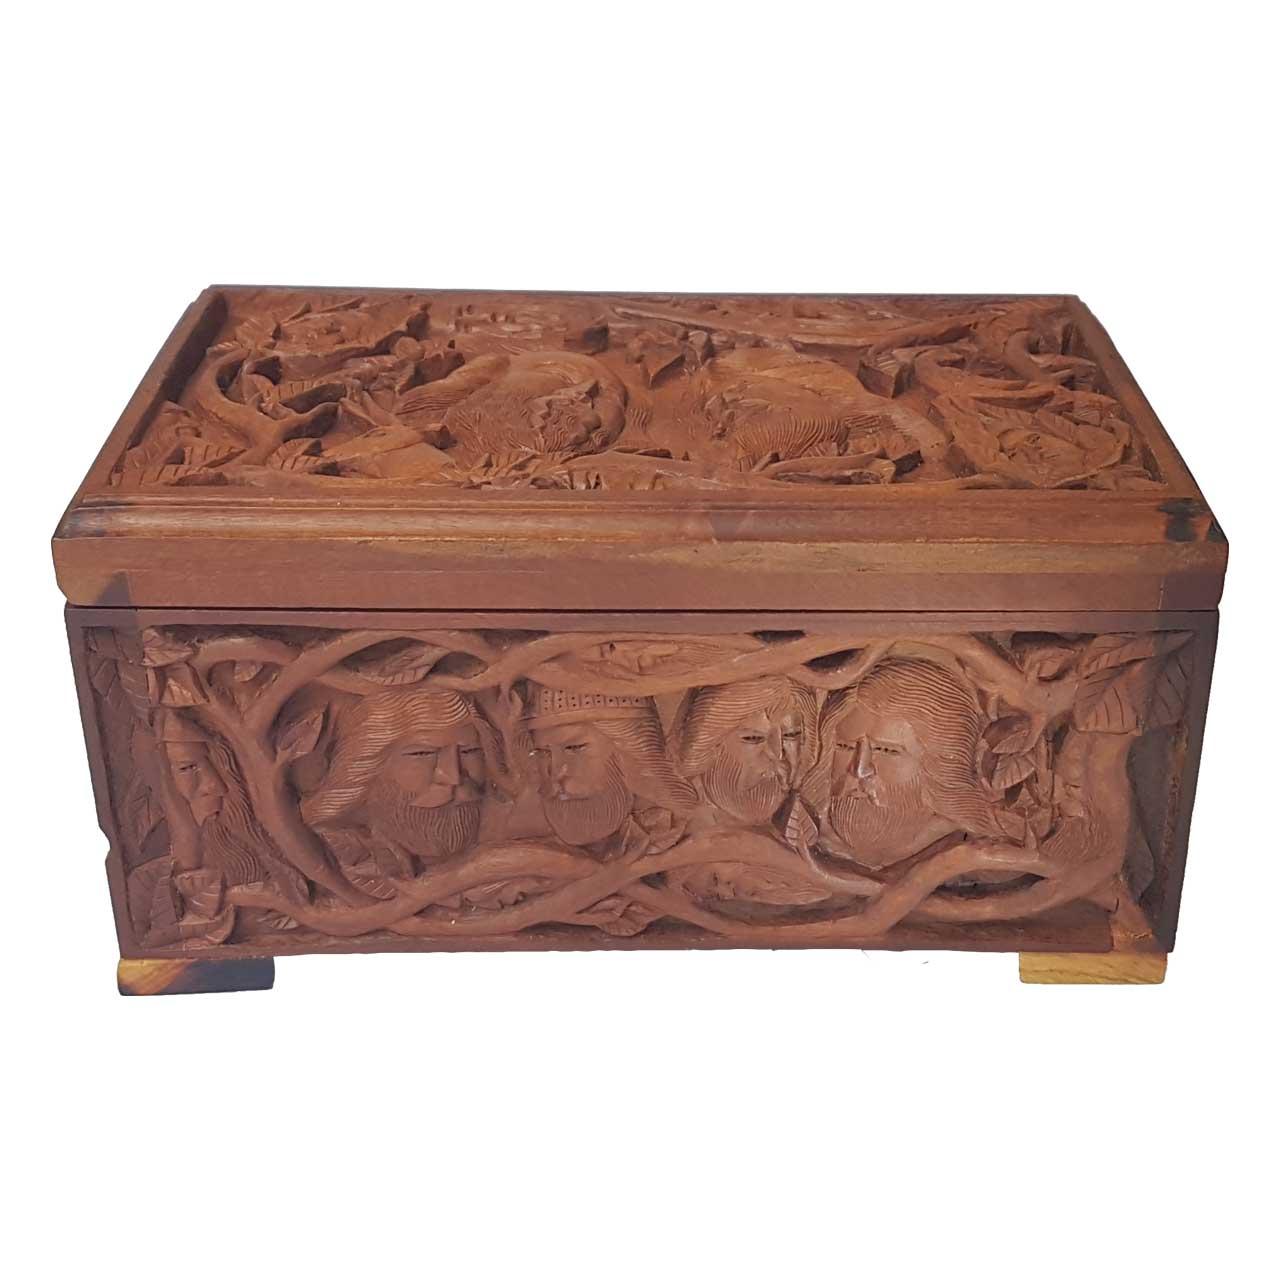 جعبه چوبی منبت کاری رنگین کمون کد 5317